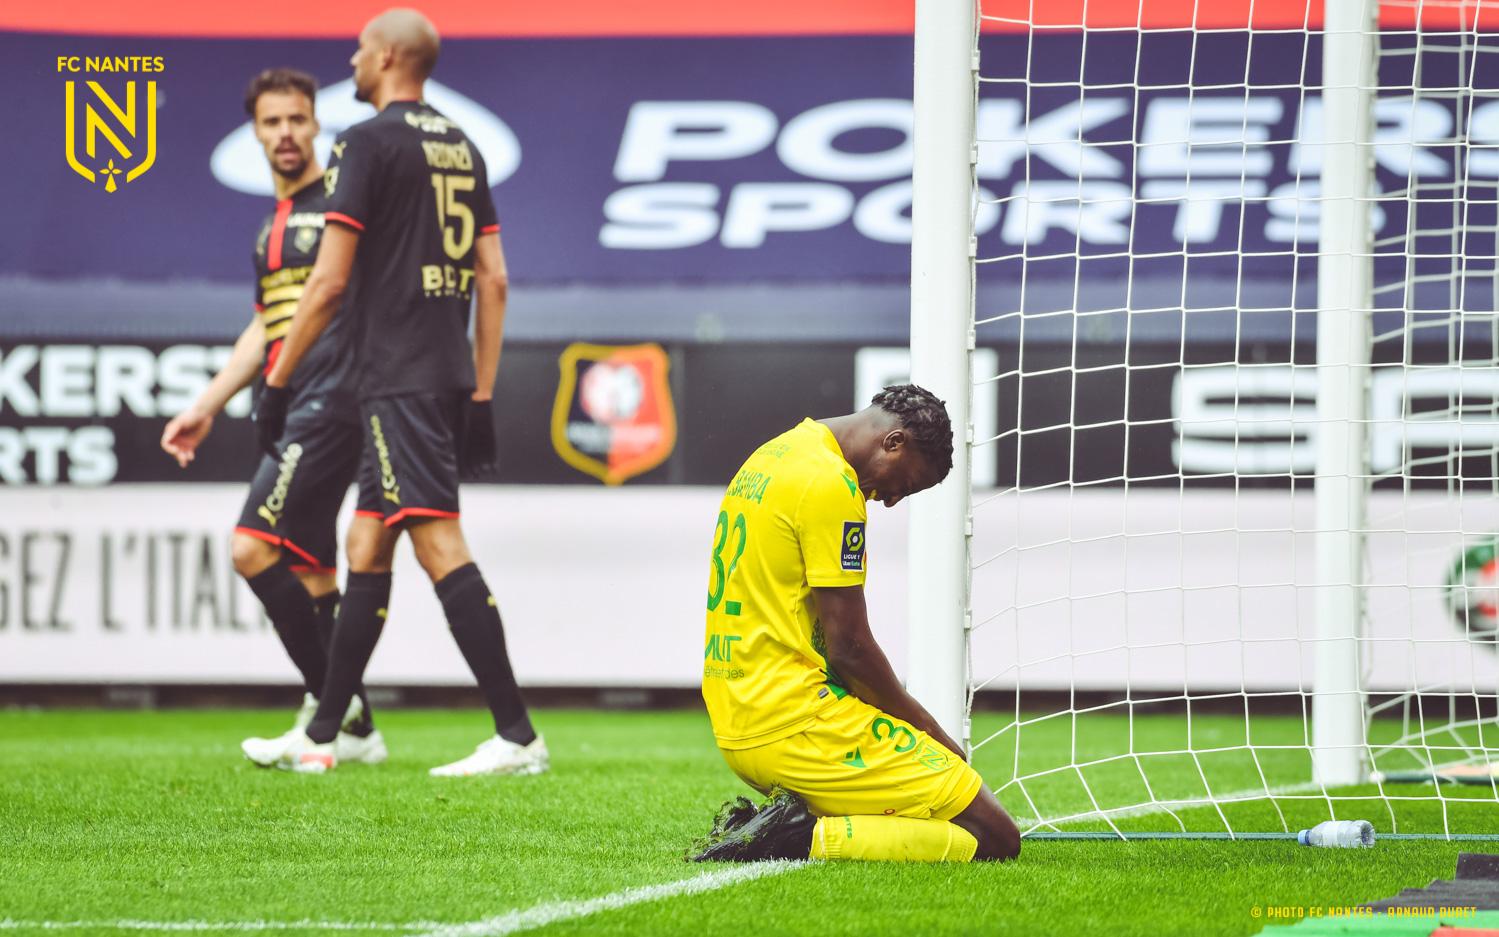 FC Nantes : « Personne ne va nous donner notre maintien», dixit ce Canari ! 1